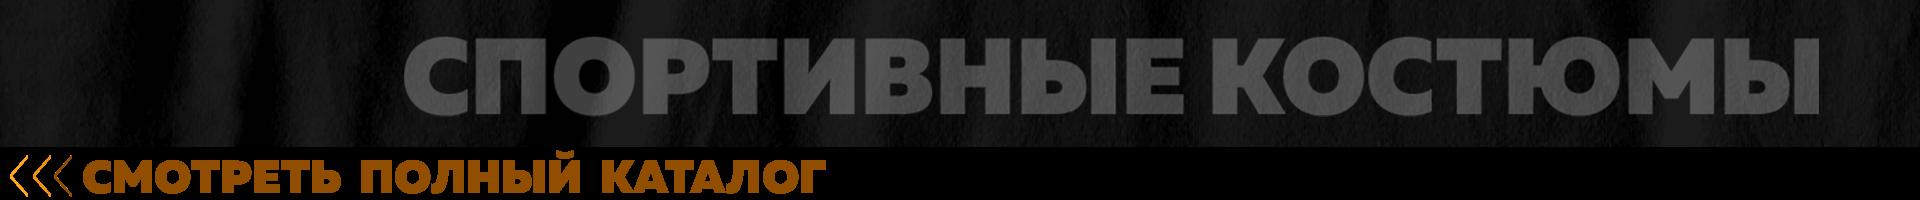 Перейти из подборки мужских черных спортивных костюмов от бренда Пума в полный каталог.